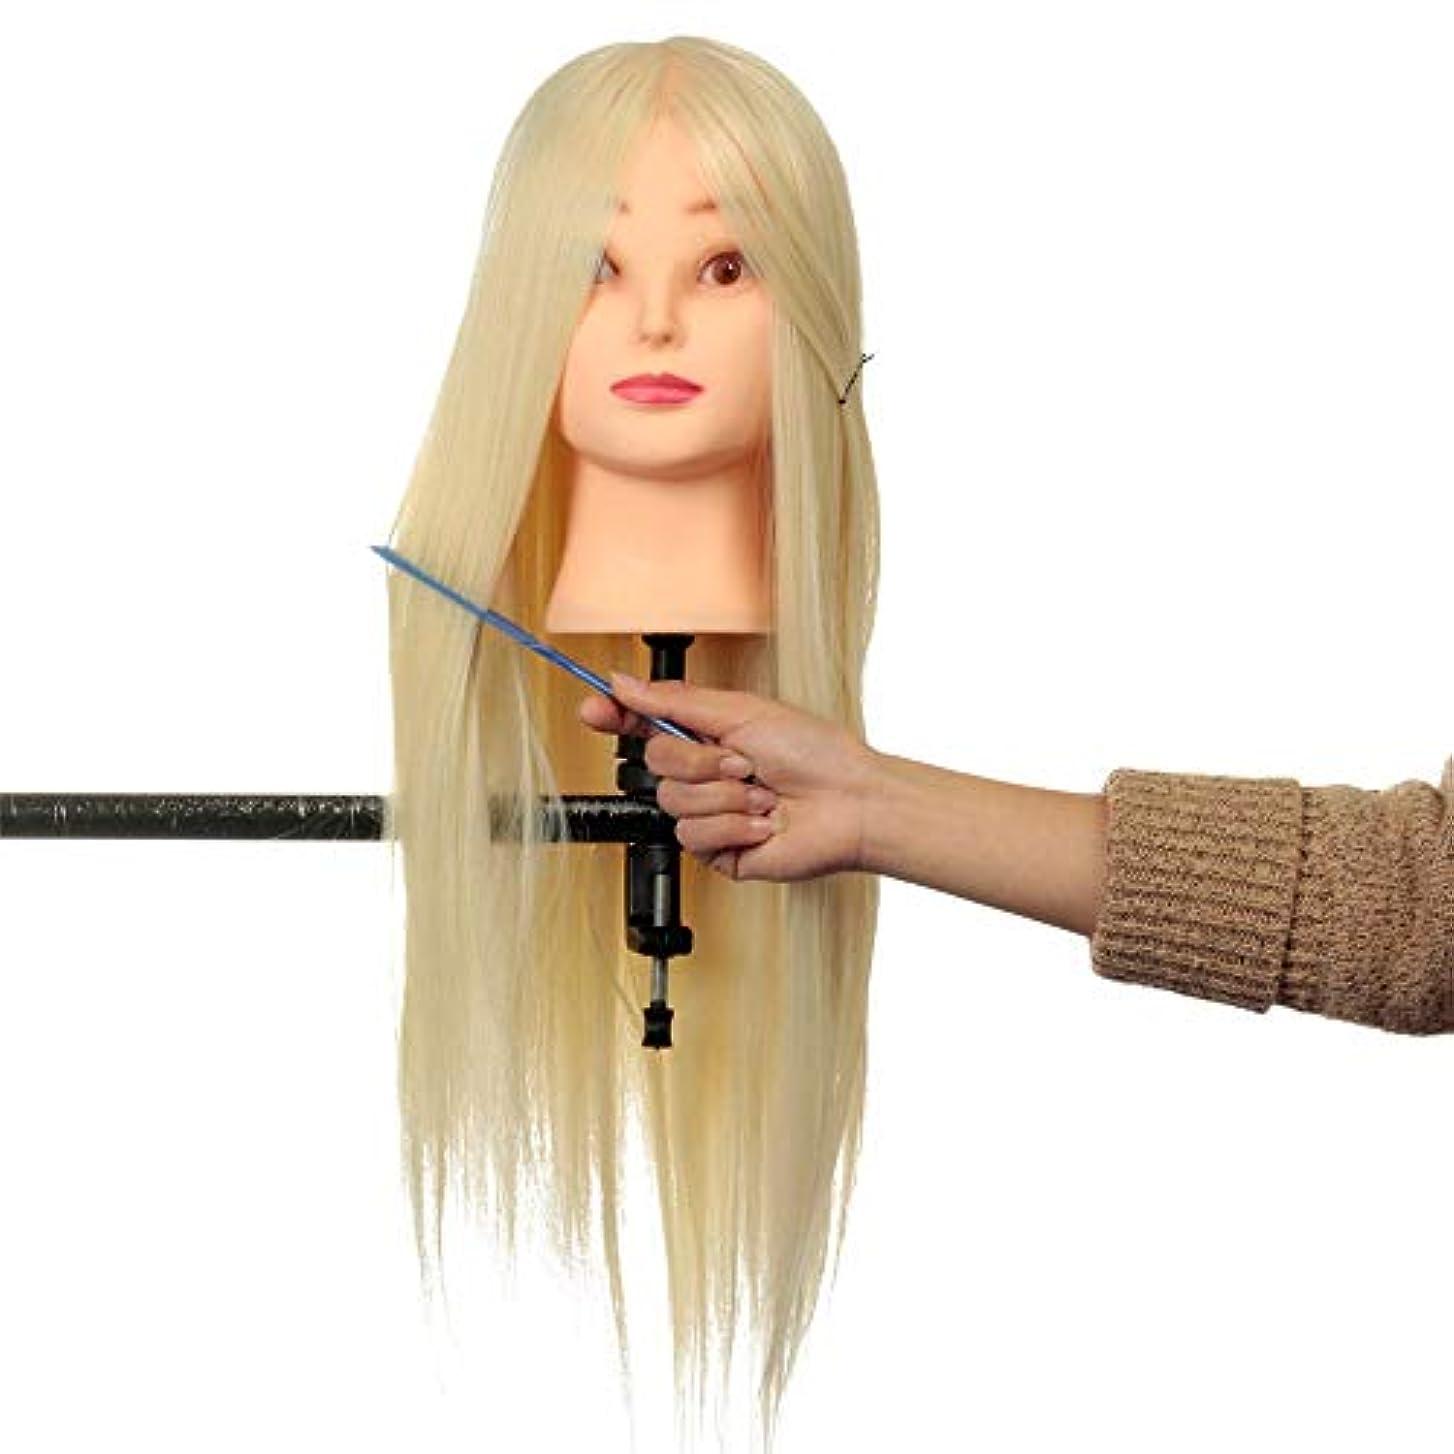 だますあいさついつでもヘアマネキンヘッド プロフェッショナルロング理髪マネキントレーニング実践ヘッドサロン+クランプ ヘア理髪トレーニングモデル付き (色 : As the picture shows, サイズ : 18